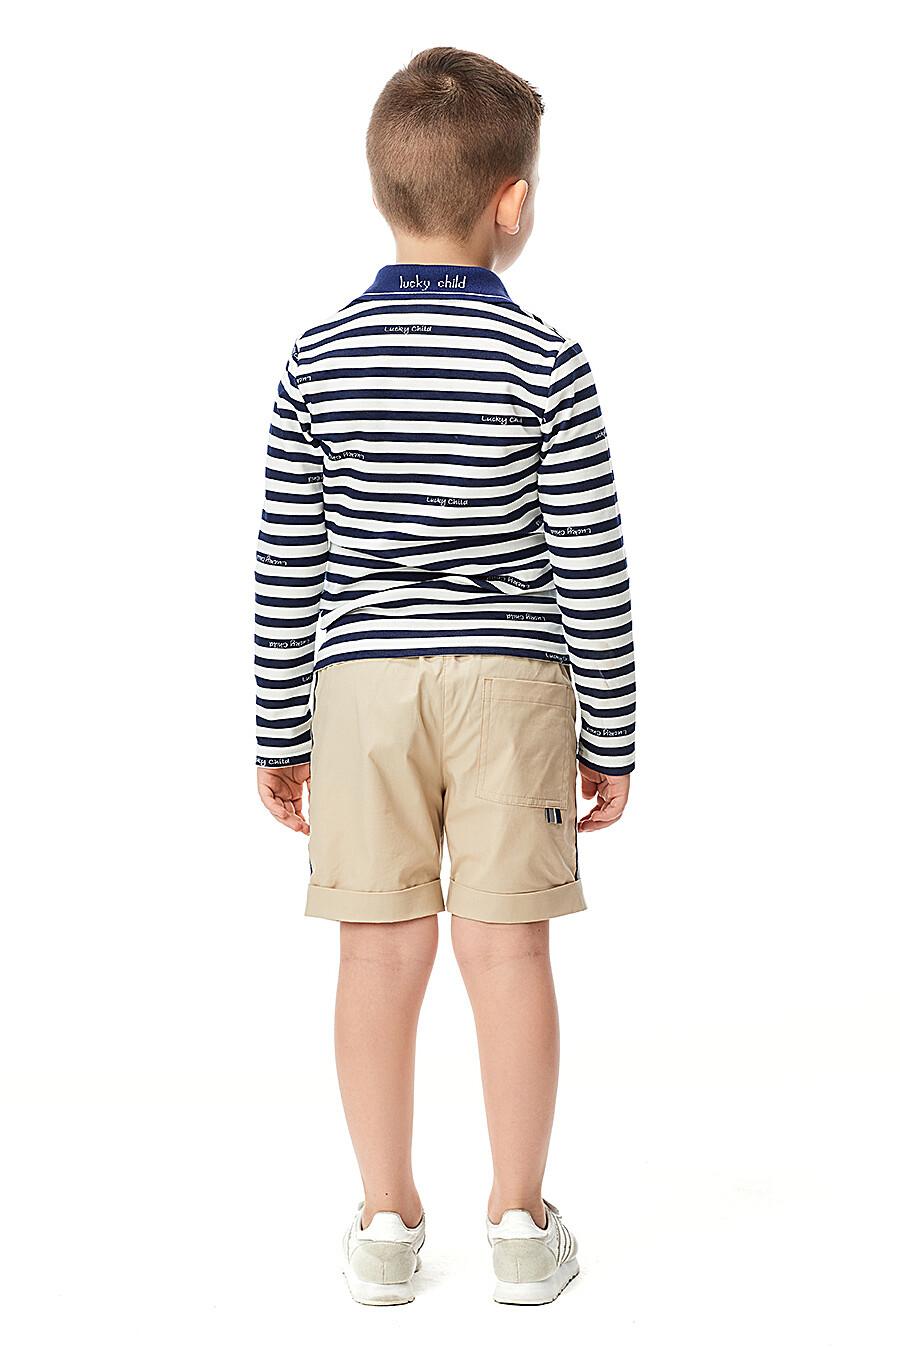 Джемпер LUCKY CHILD (184402), купить в Moyo.moda